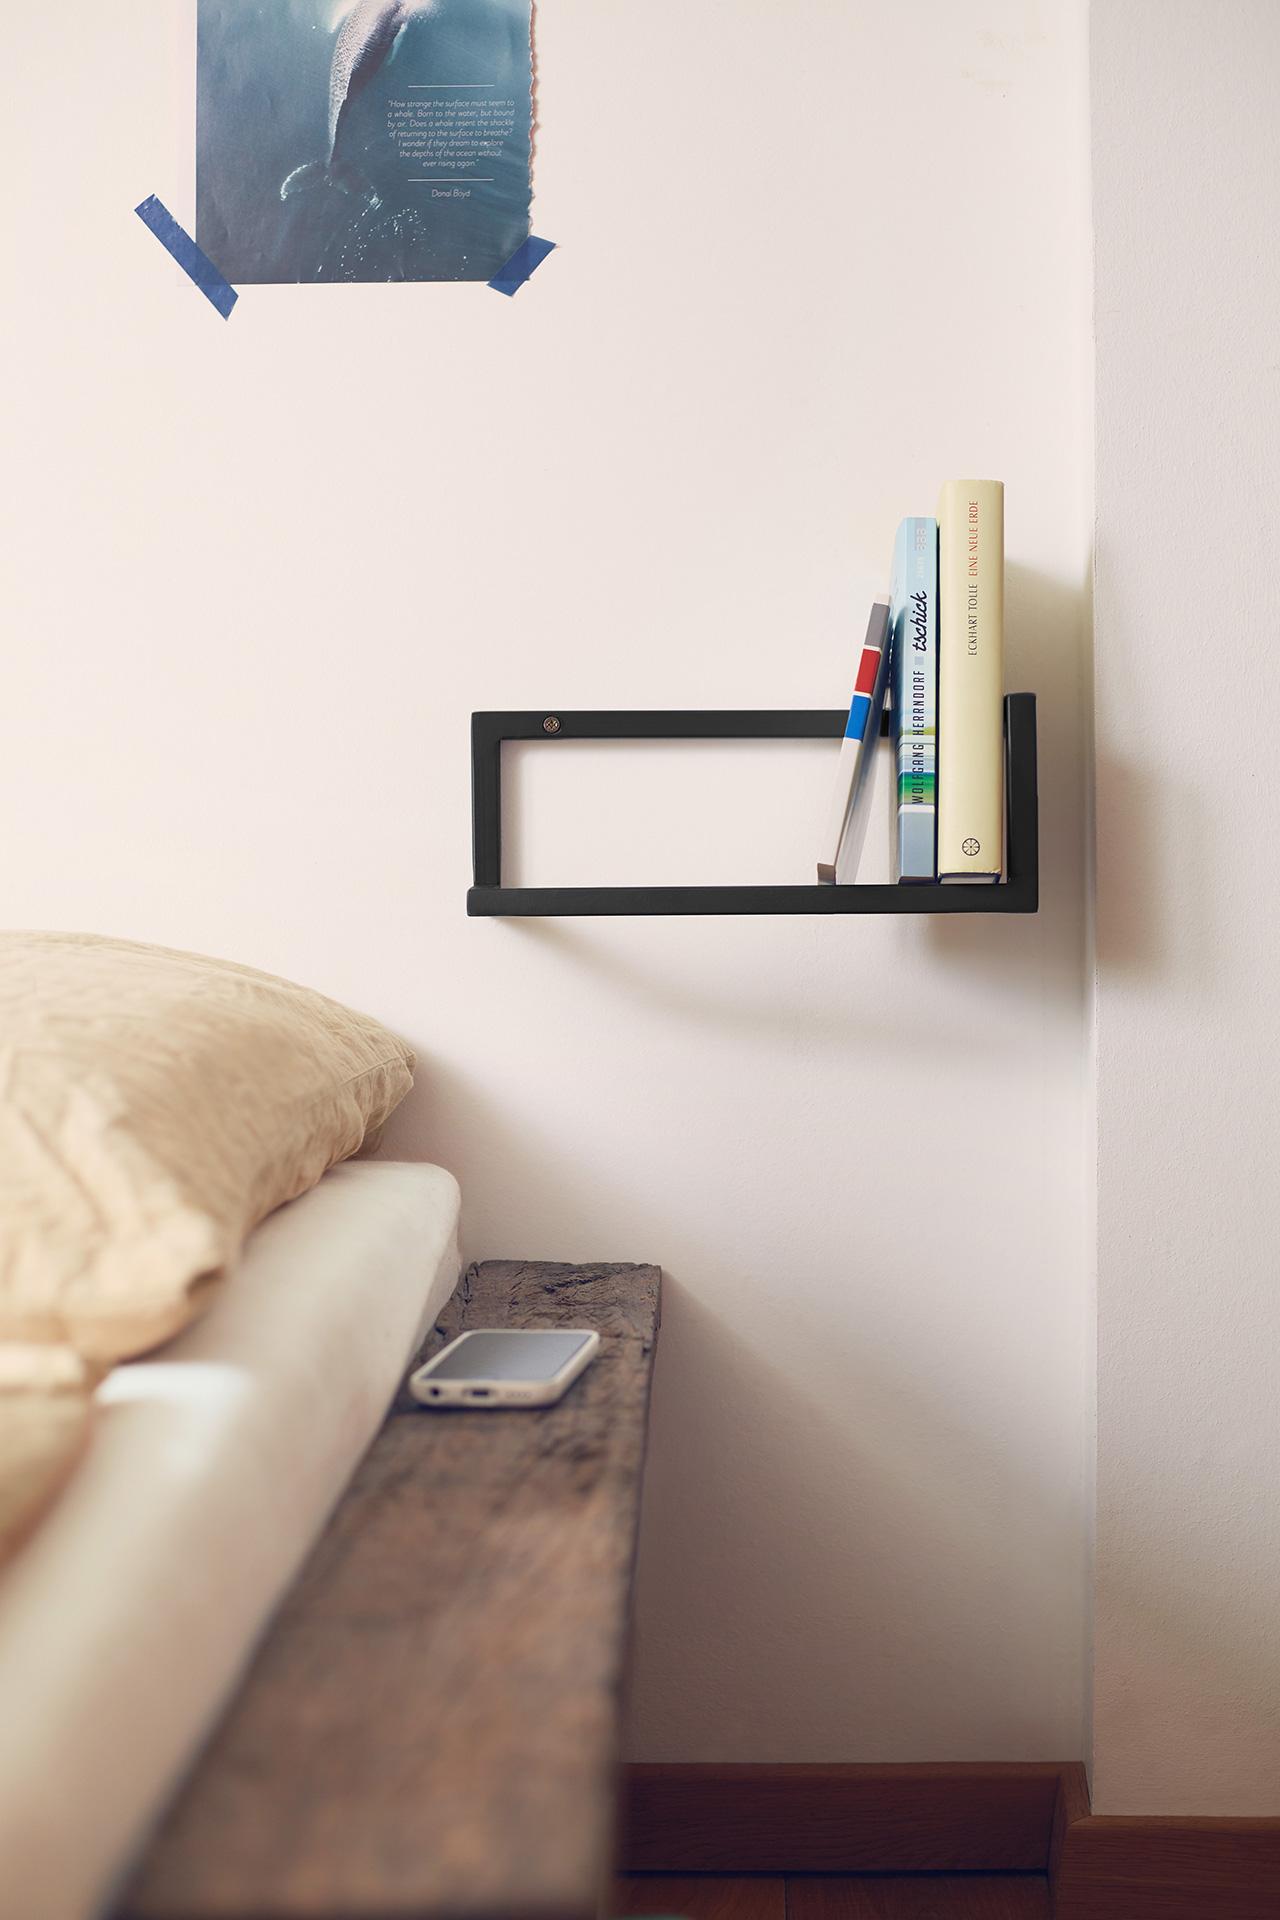 Design Studio von Dieken: Bücherhalter.